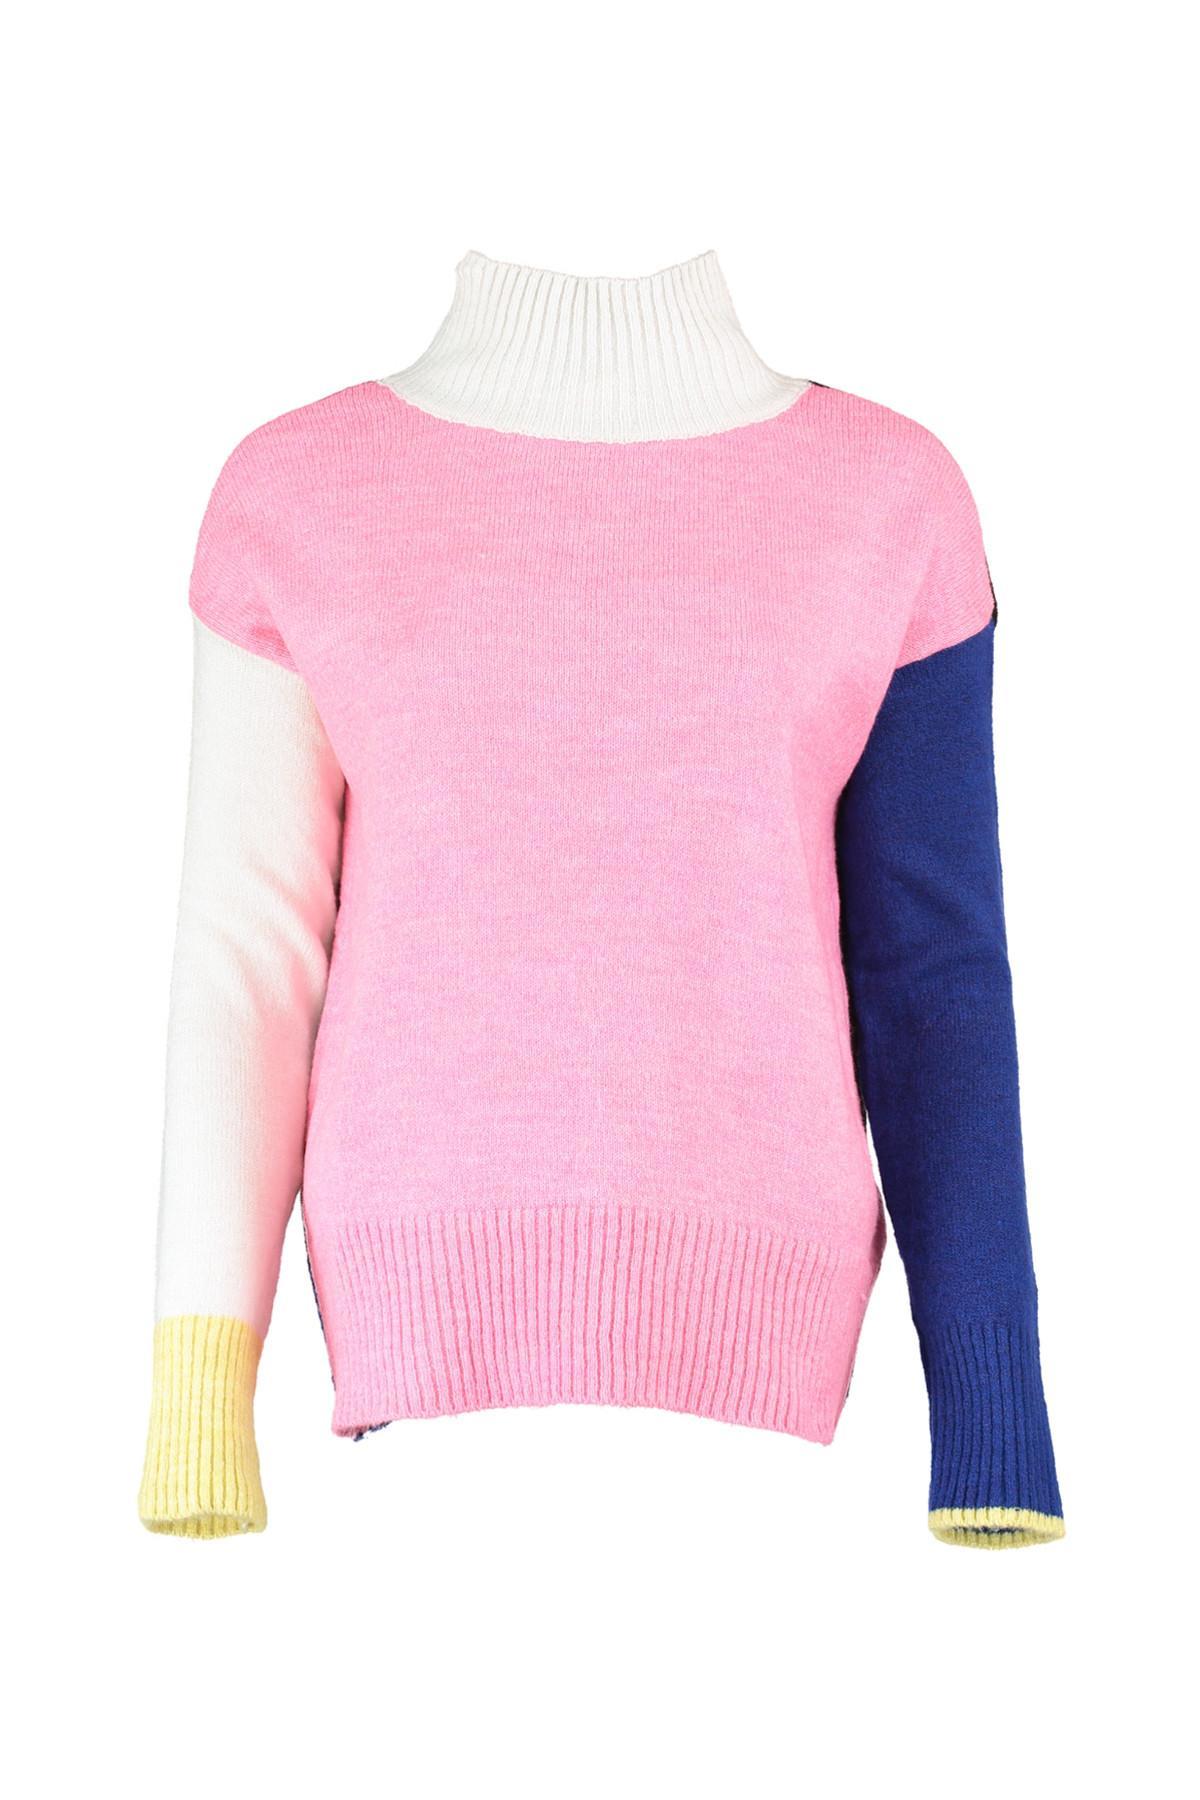 Trendyol WOMEN-Pink Colorblock Sweater Sweater TWOAW20IS0001